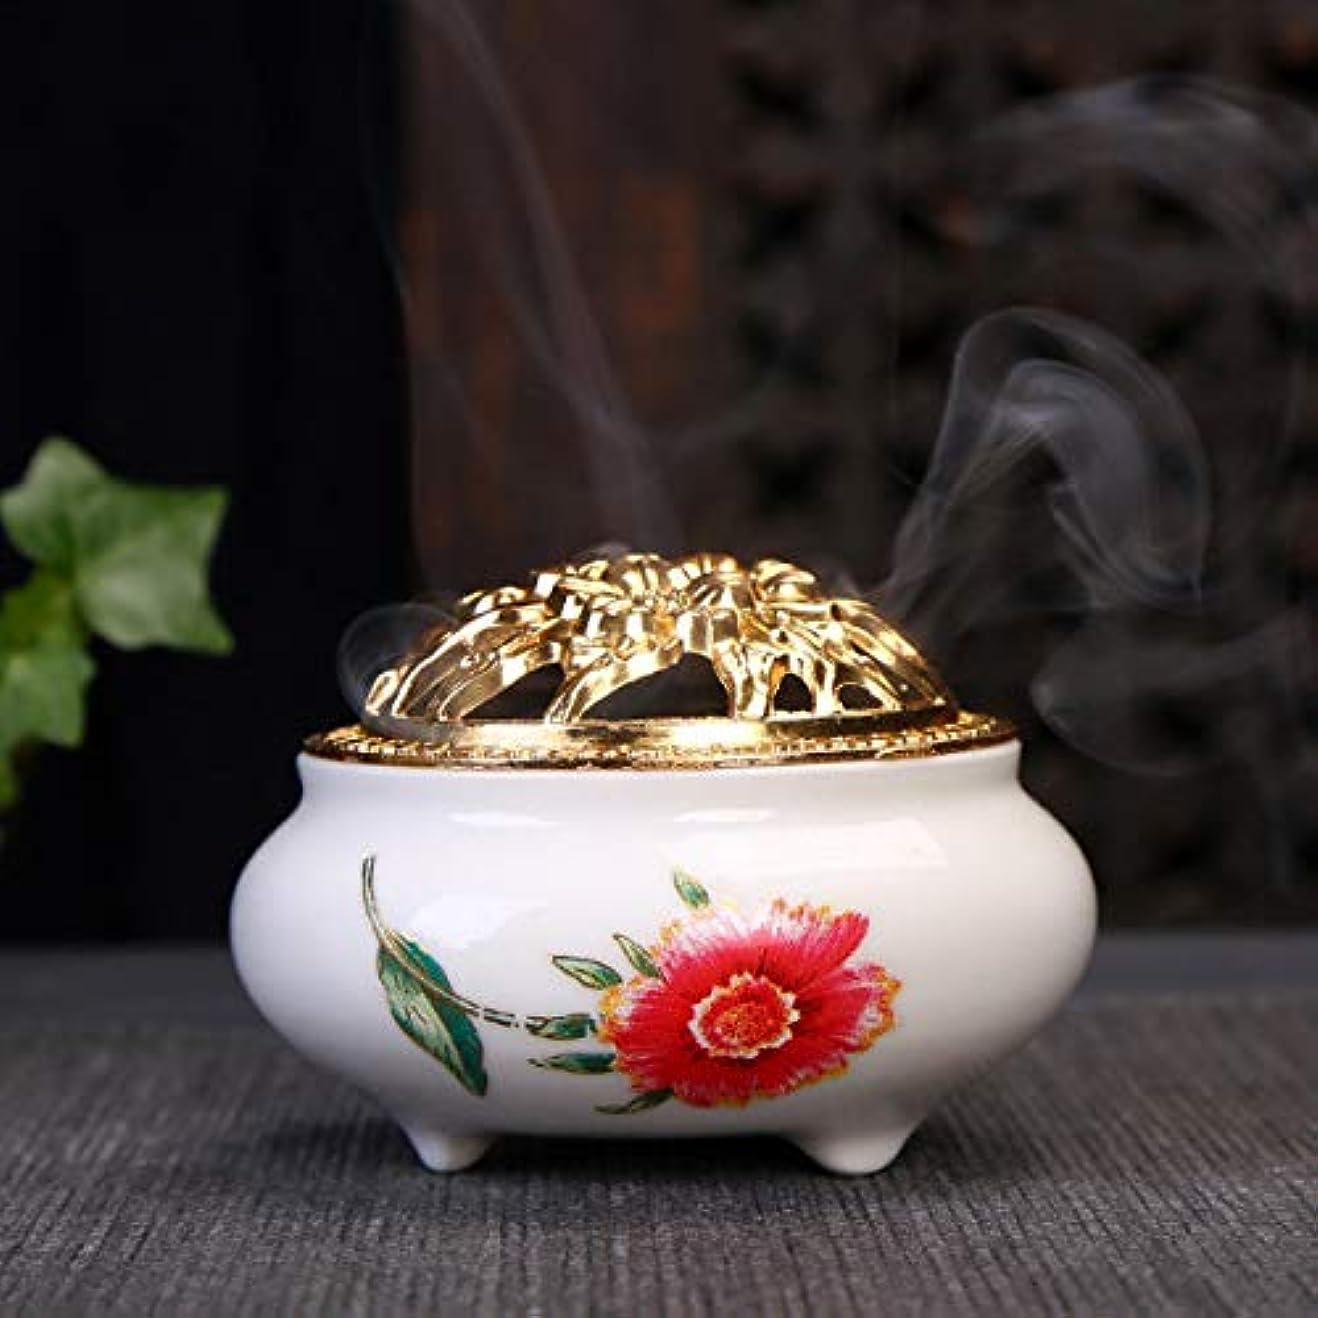 過度に延期する合わせて香炉ポータブル香炉香炉用真鍮ホイストブラケット付き円錐香炉|家庭用香り9.5 * 6.5 cm